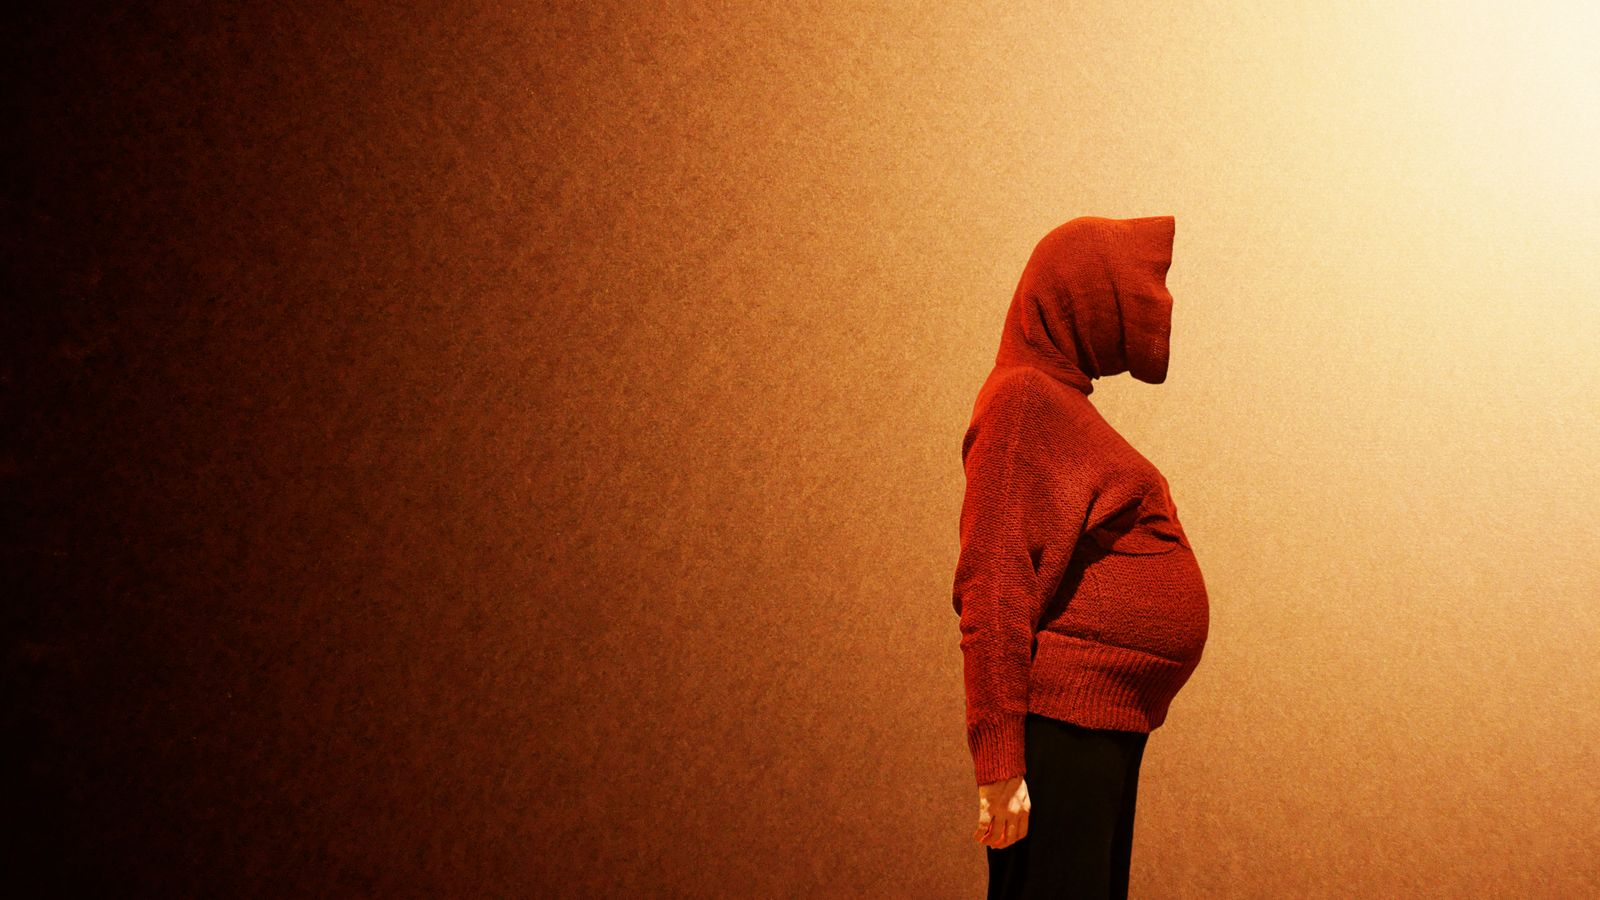 Loin de la photo de grossesse classique, on s'interroge sur la nature du modèle. Extra-terrestre, femme enceinte, elle est fermement tournée vers l'avenir.